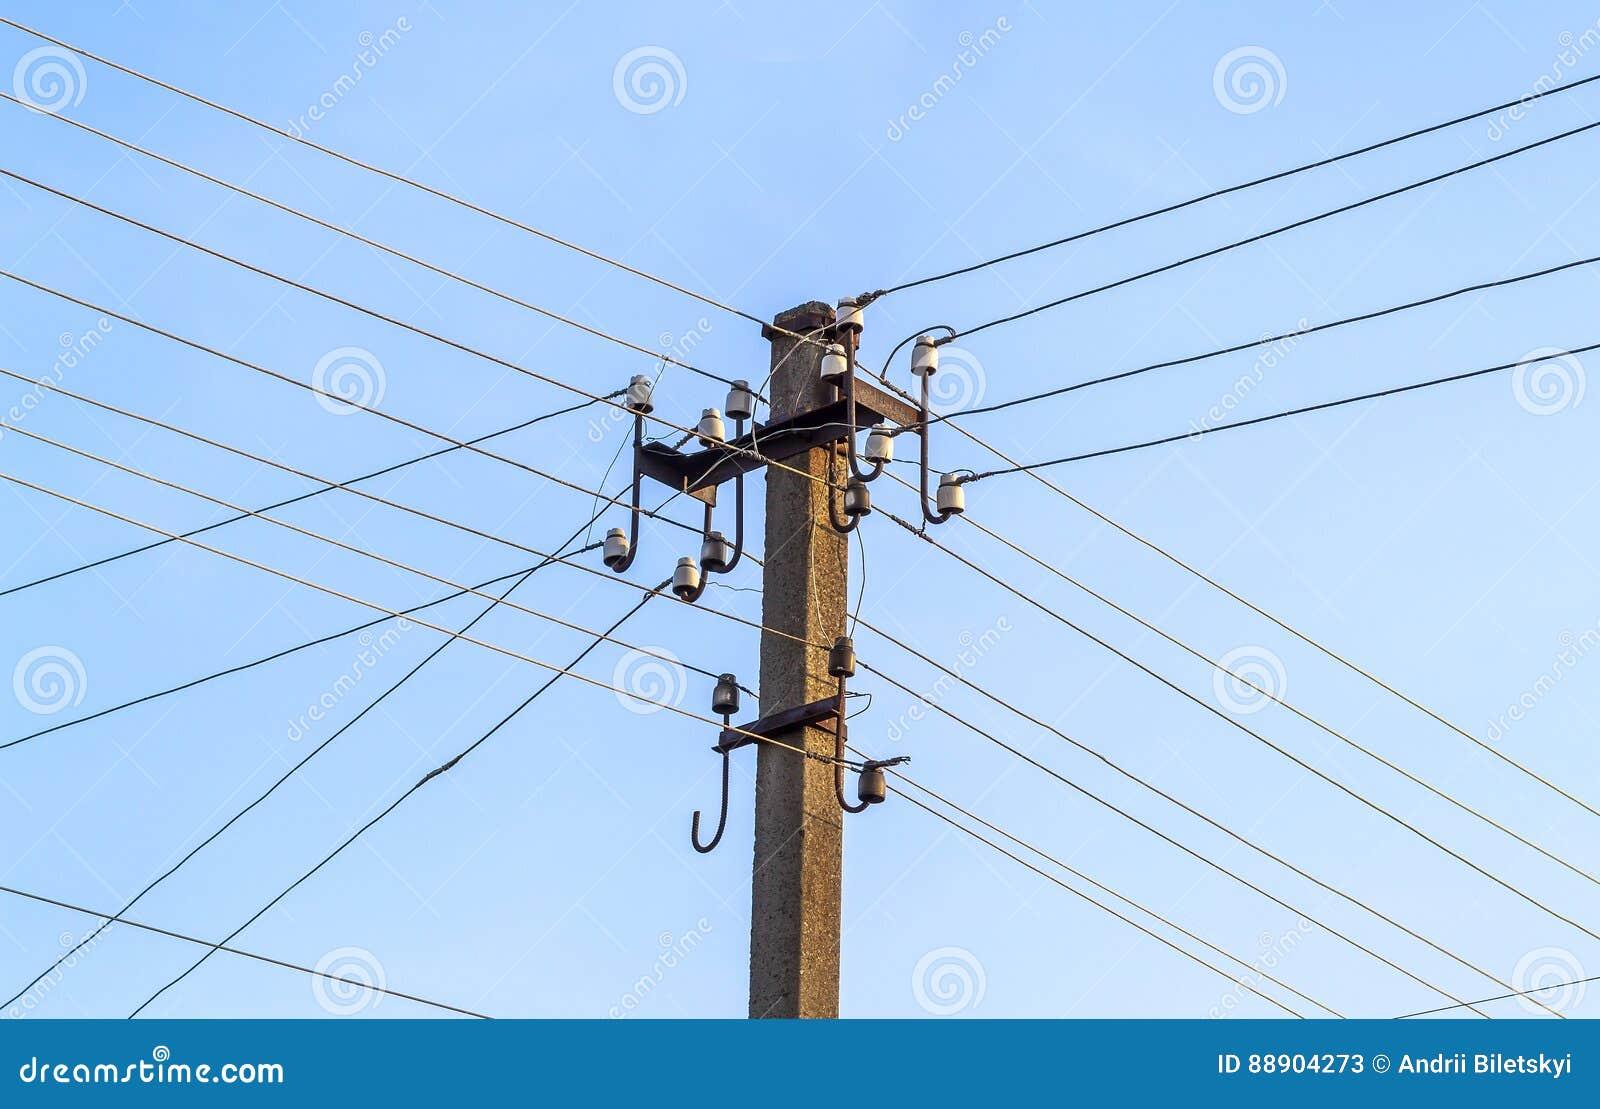 Elektrische PfostenStromleitungen und Drähte mit blauem Himmel